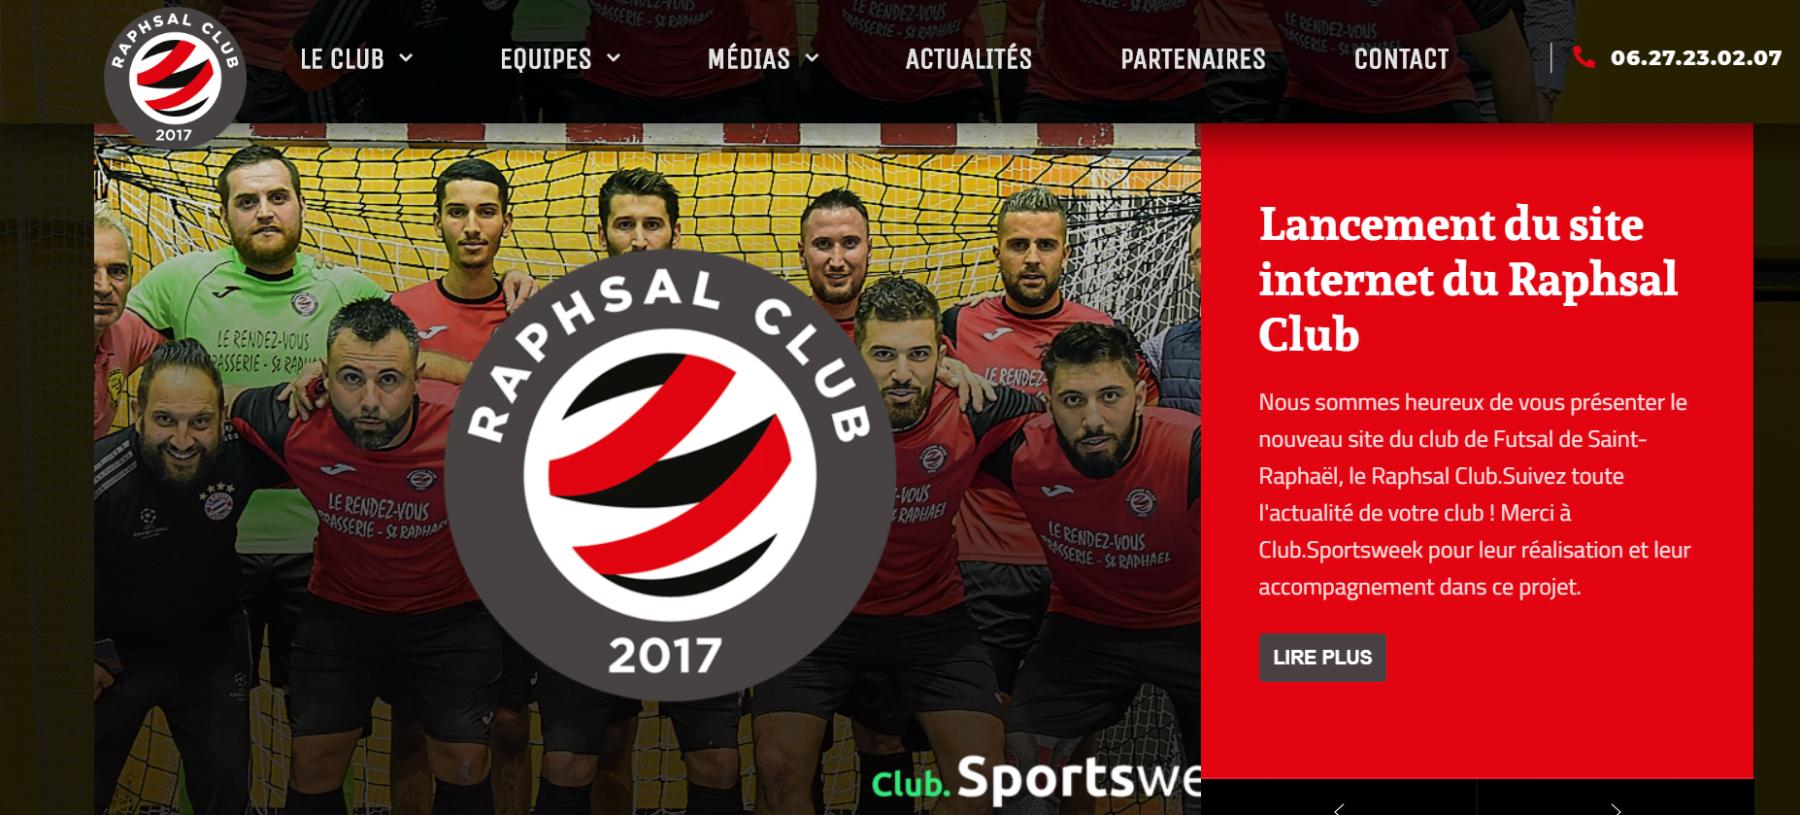 Le club Futsal du Raphsal Club a son site internet